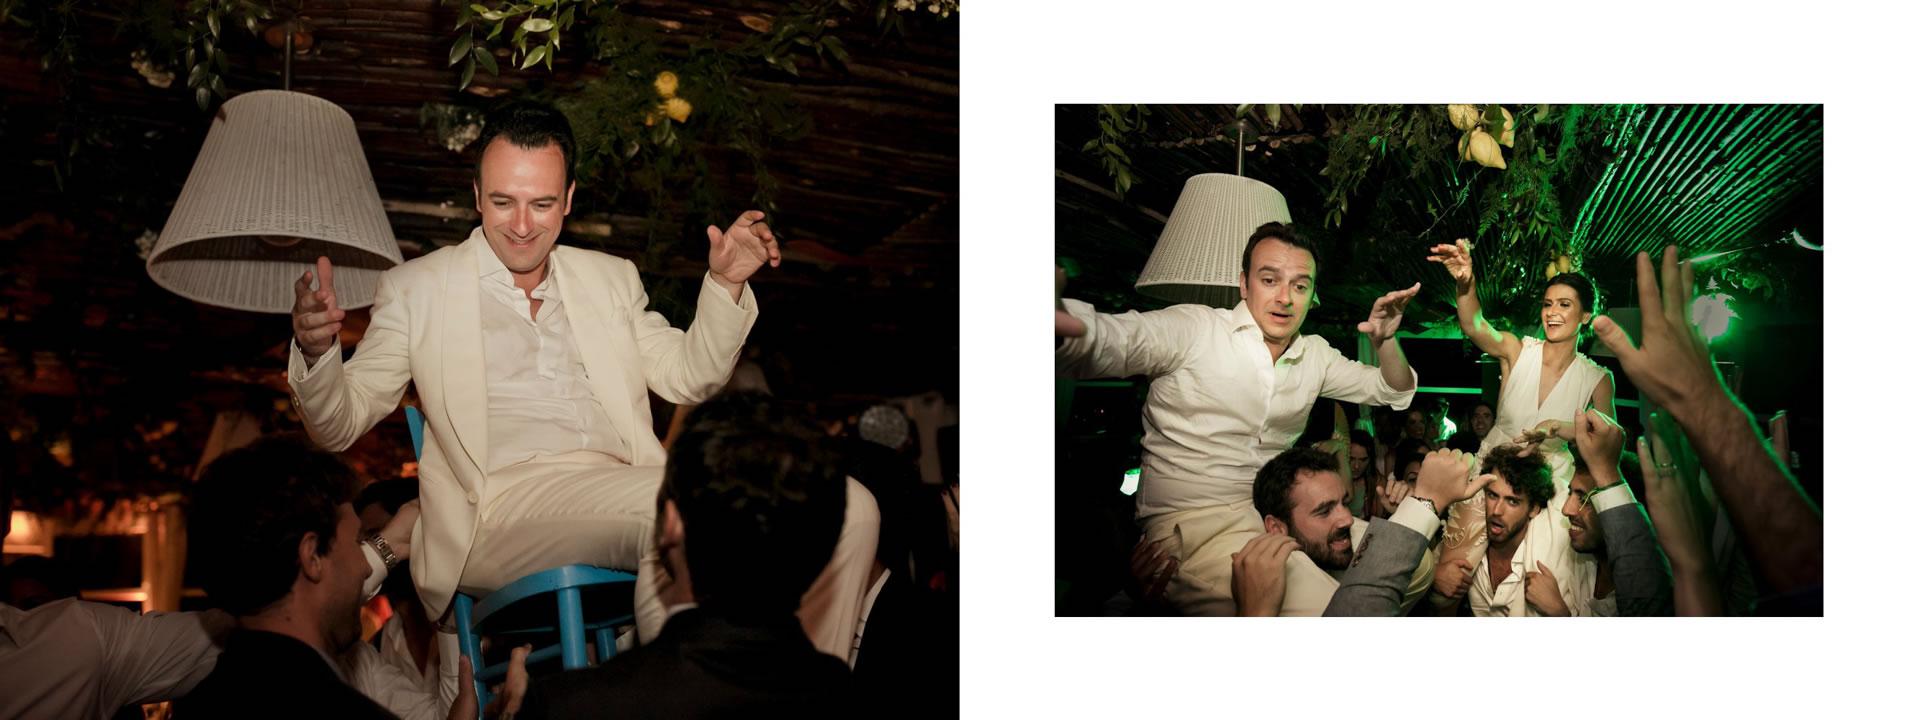 - 55 :: Jewish luxury wedding weekend in Capri :: Luxury wedding photography - 54 ::  - 55